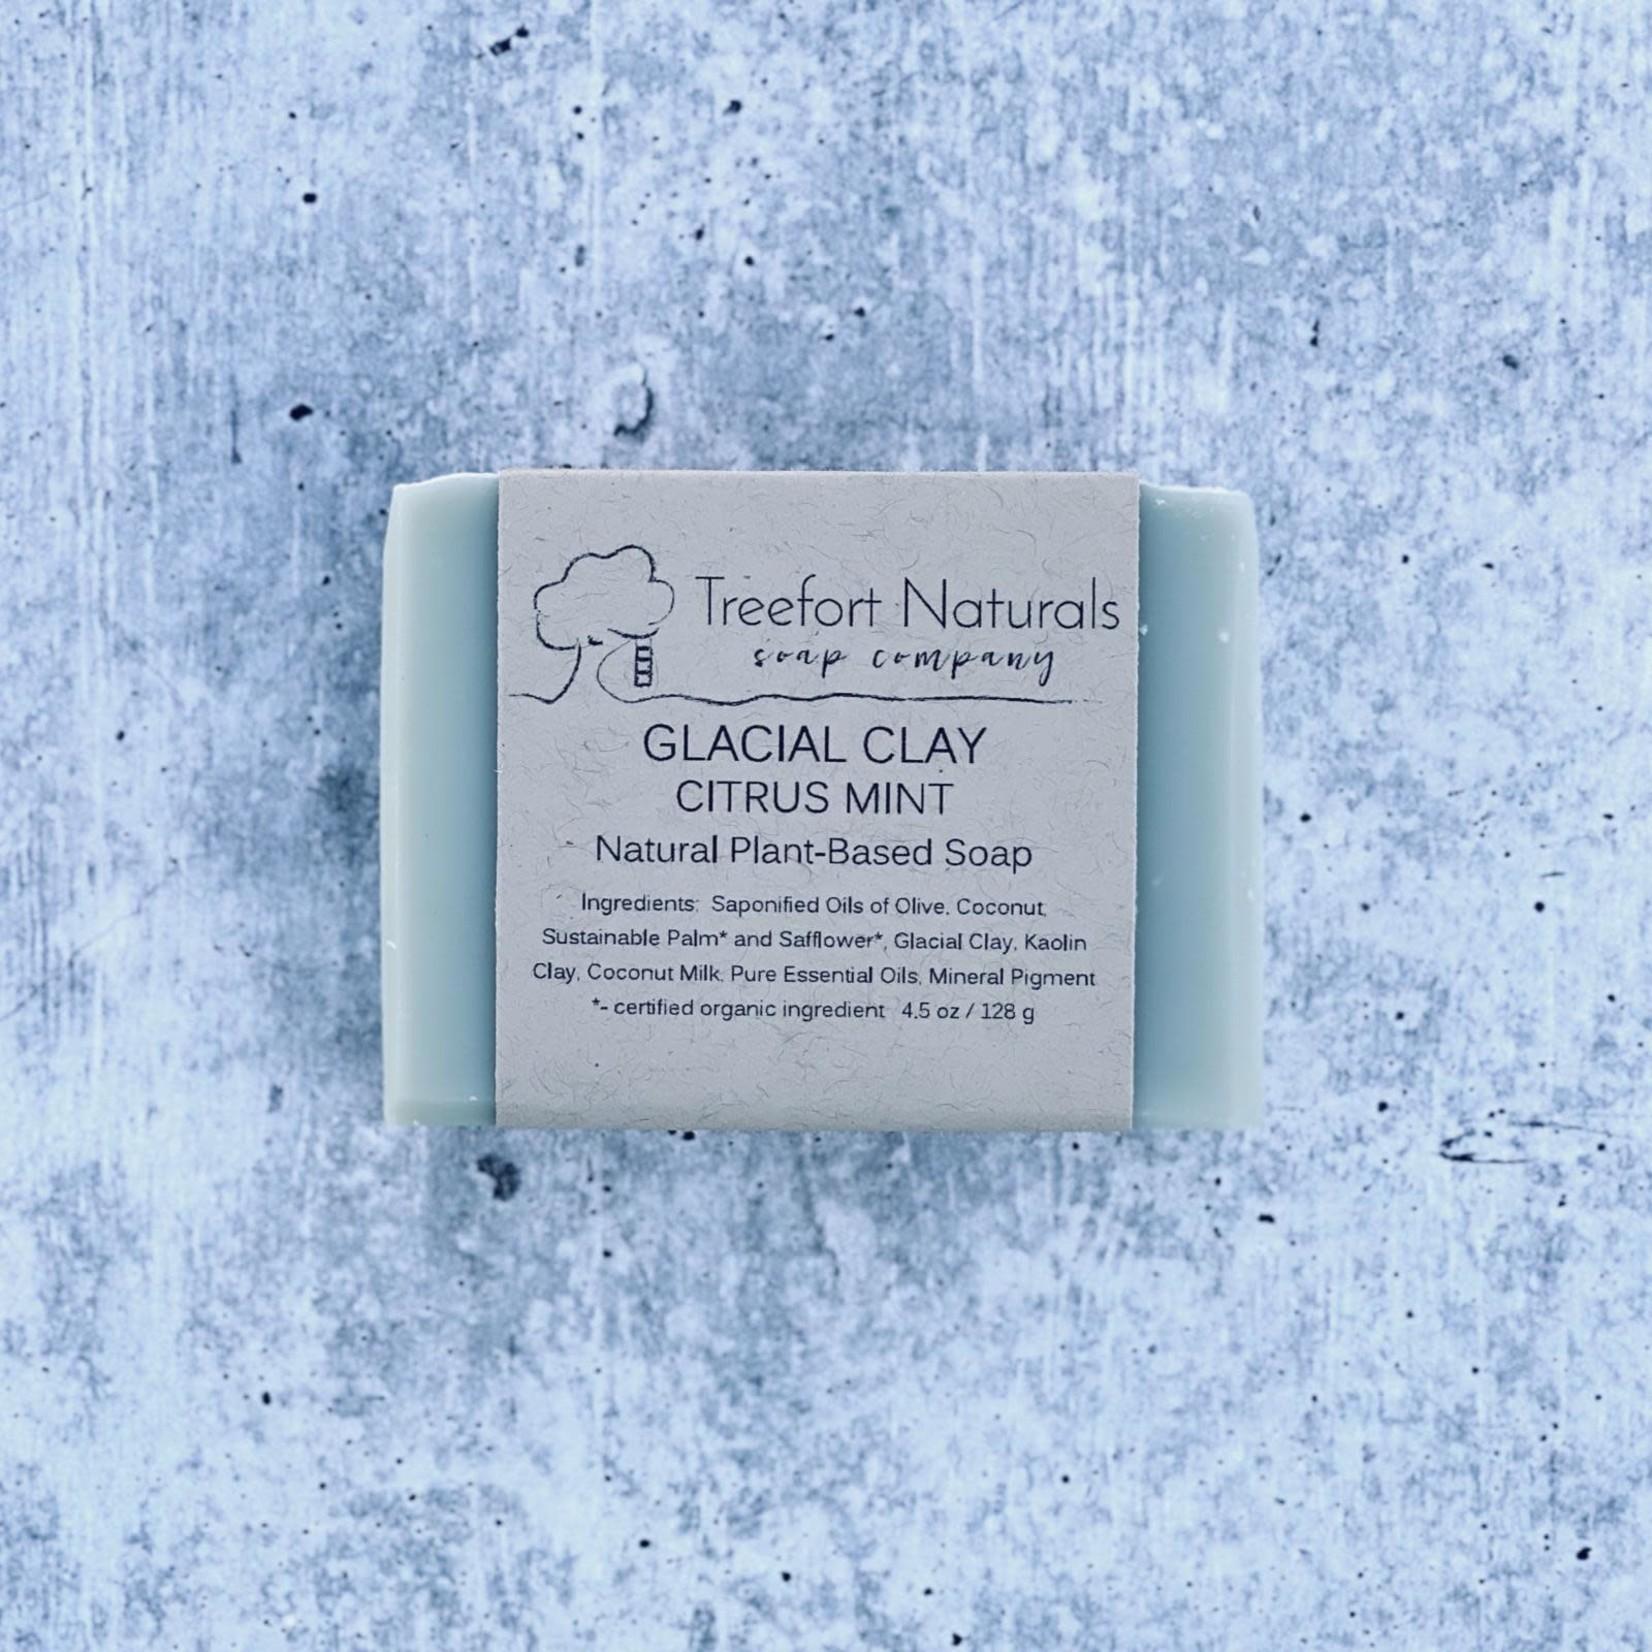 Treefort Naturals Treefort Naturals Glacial Clay Citrus Mint Soap